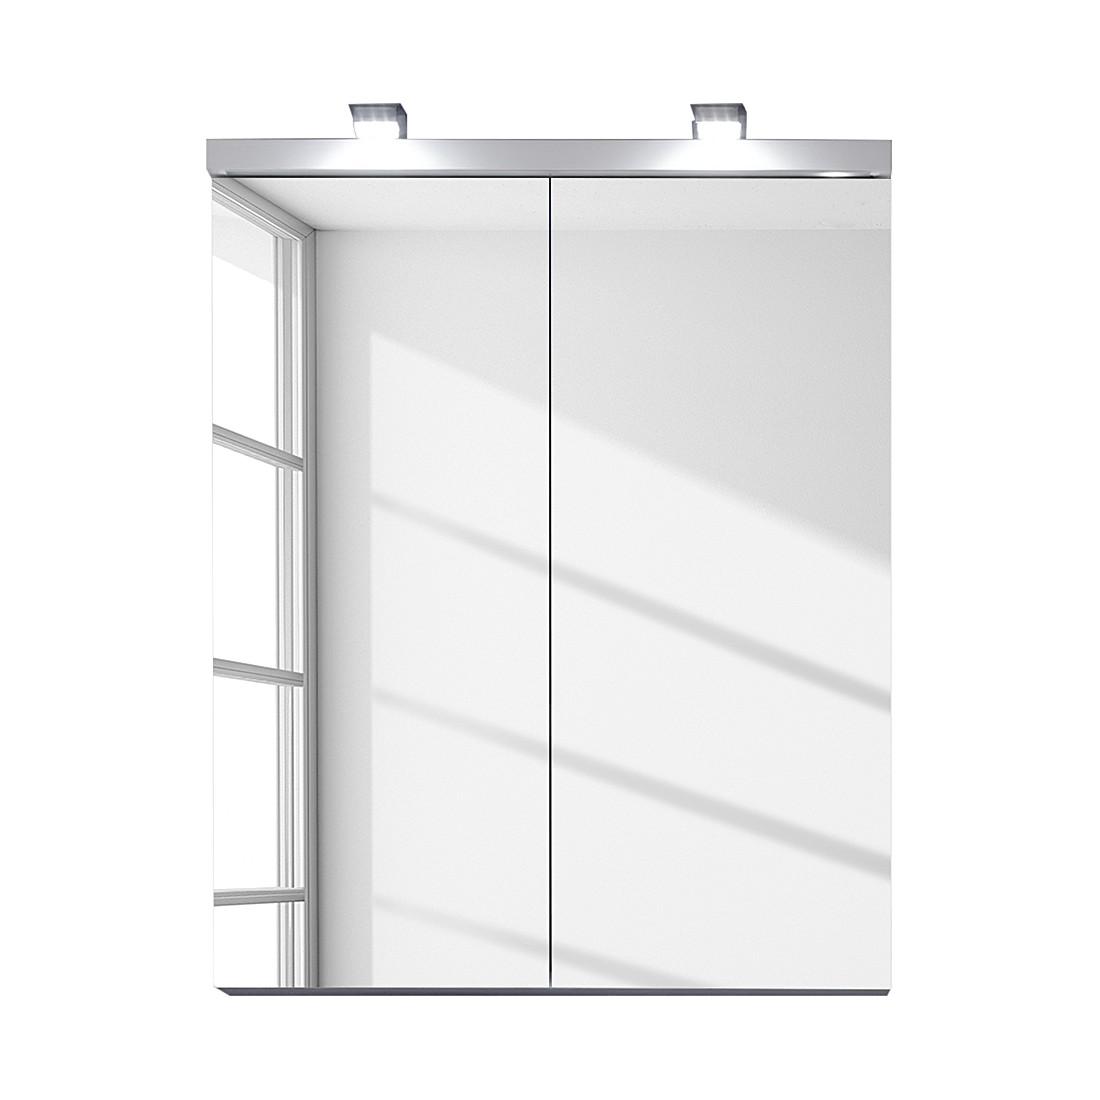 EEK A+, Luminaires pour armoire avec miroir (lot de 2), Trendteam